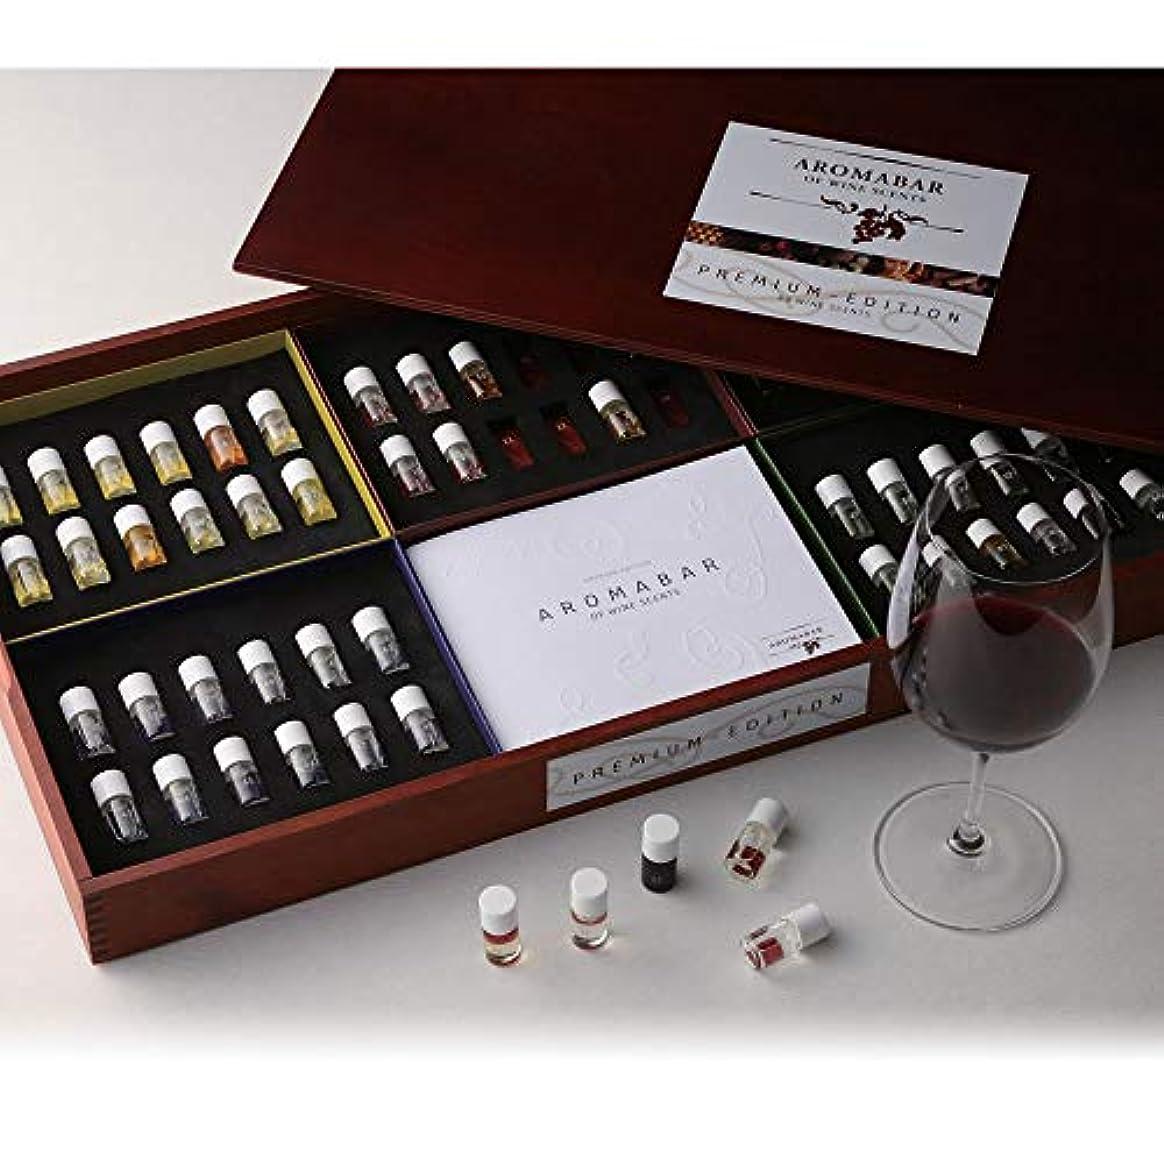 リップロバドキドキ送料無料 グローバル アロマバー プレミアム60種 ワイン テイスティング ソムリエ レッスン 香り